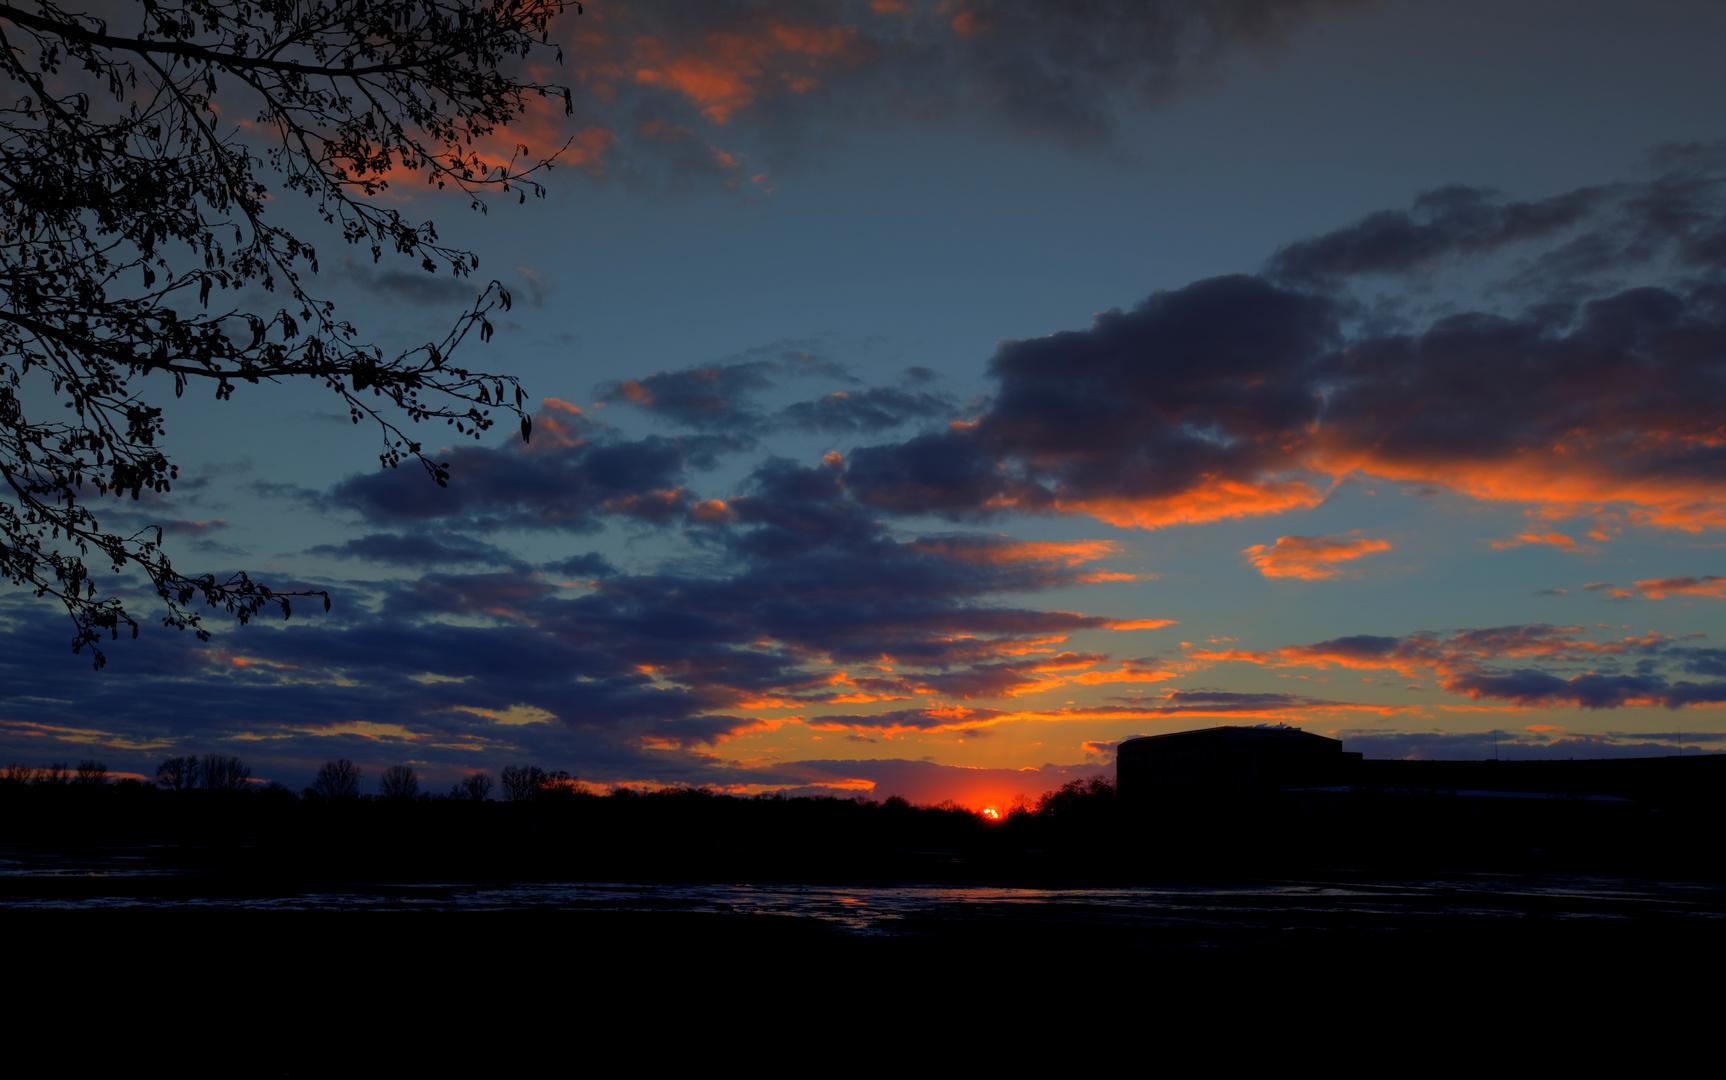 Sonnenuntergang am Dutzendteich